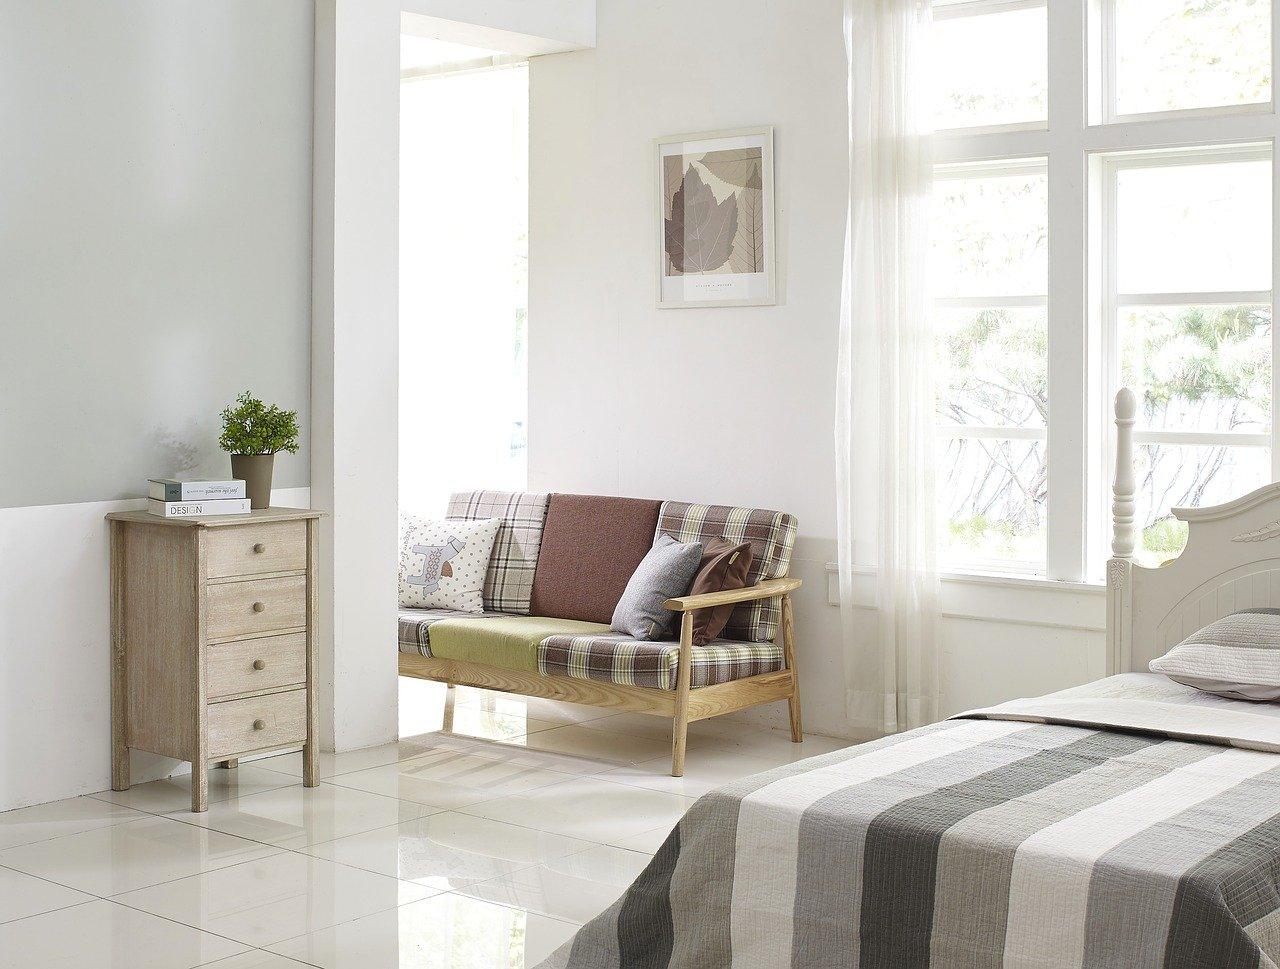 Szare sypialnie inspiracje: sypialnia w odcieniach szarości